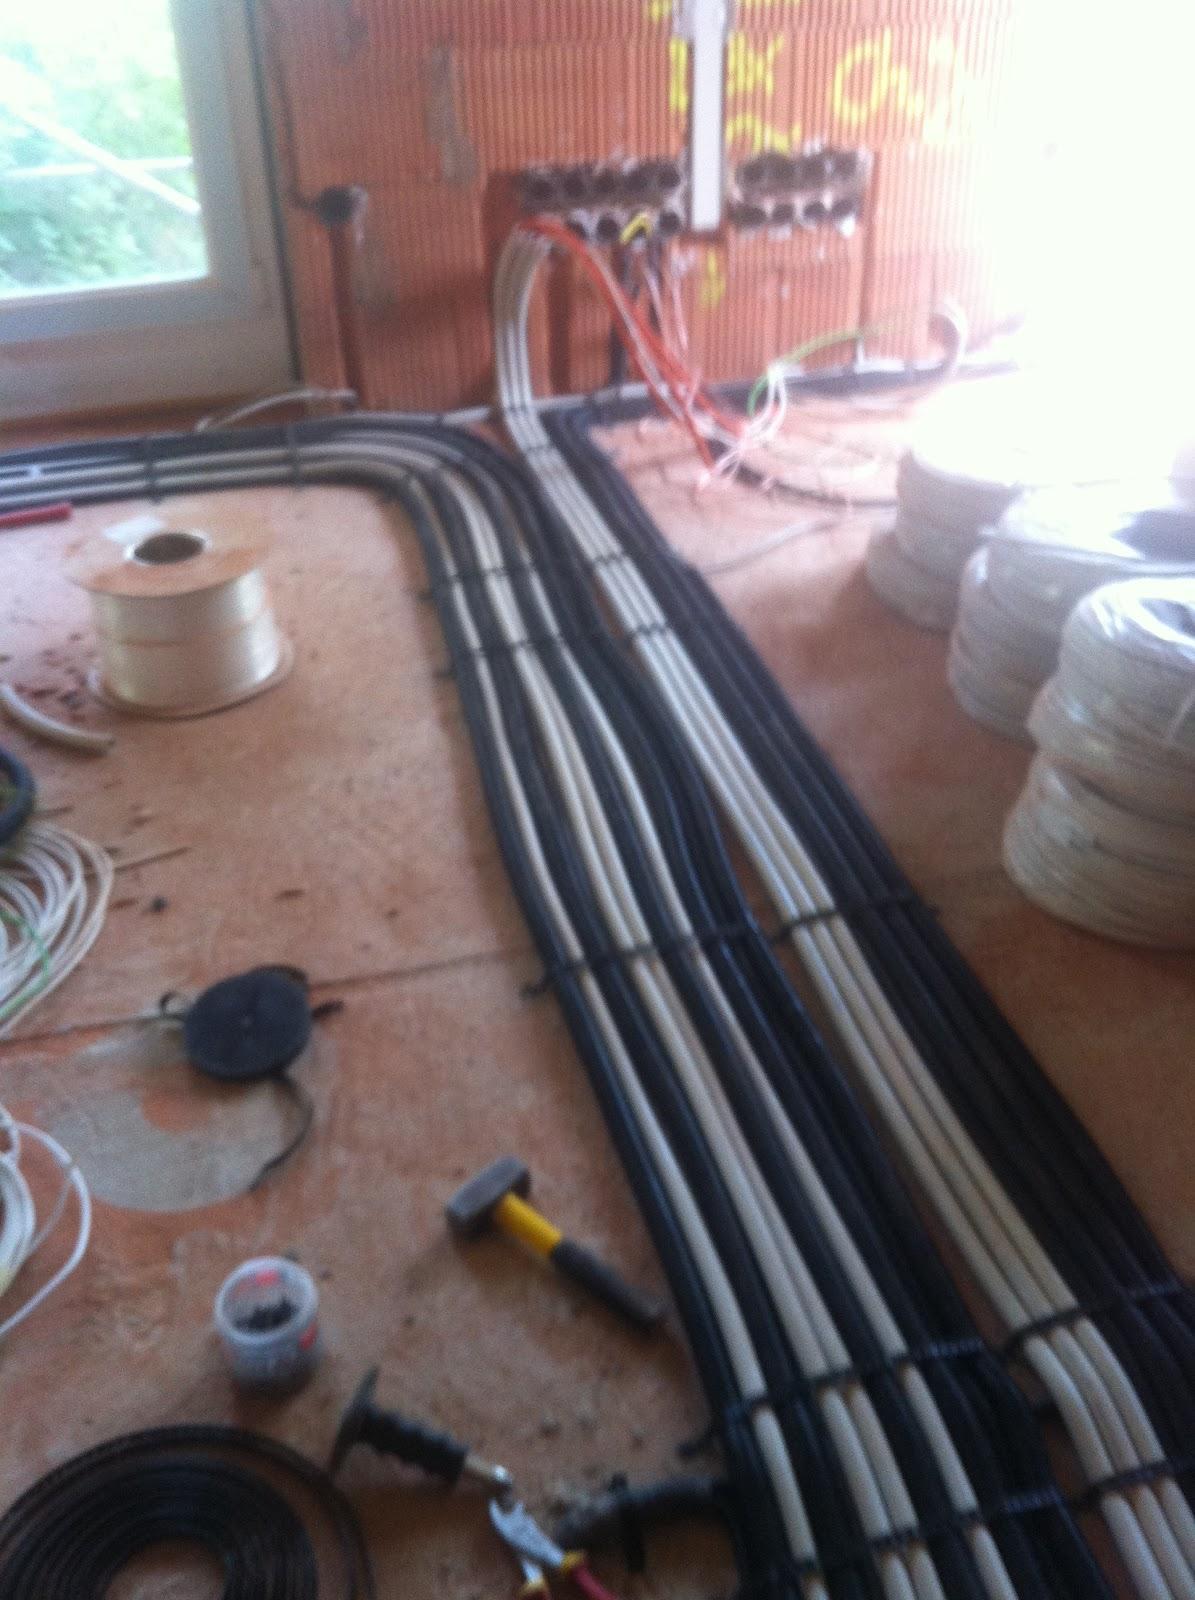 Kabel Leerrohr Heimnetzwerk Serie 2 Die Umsetzung Hausbau Blog Nur